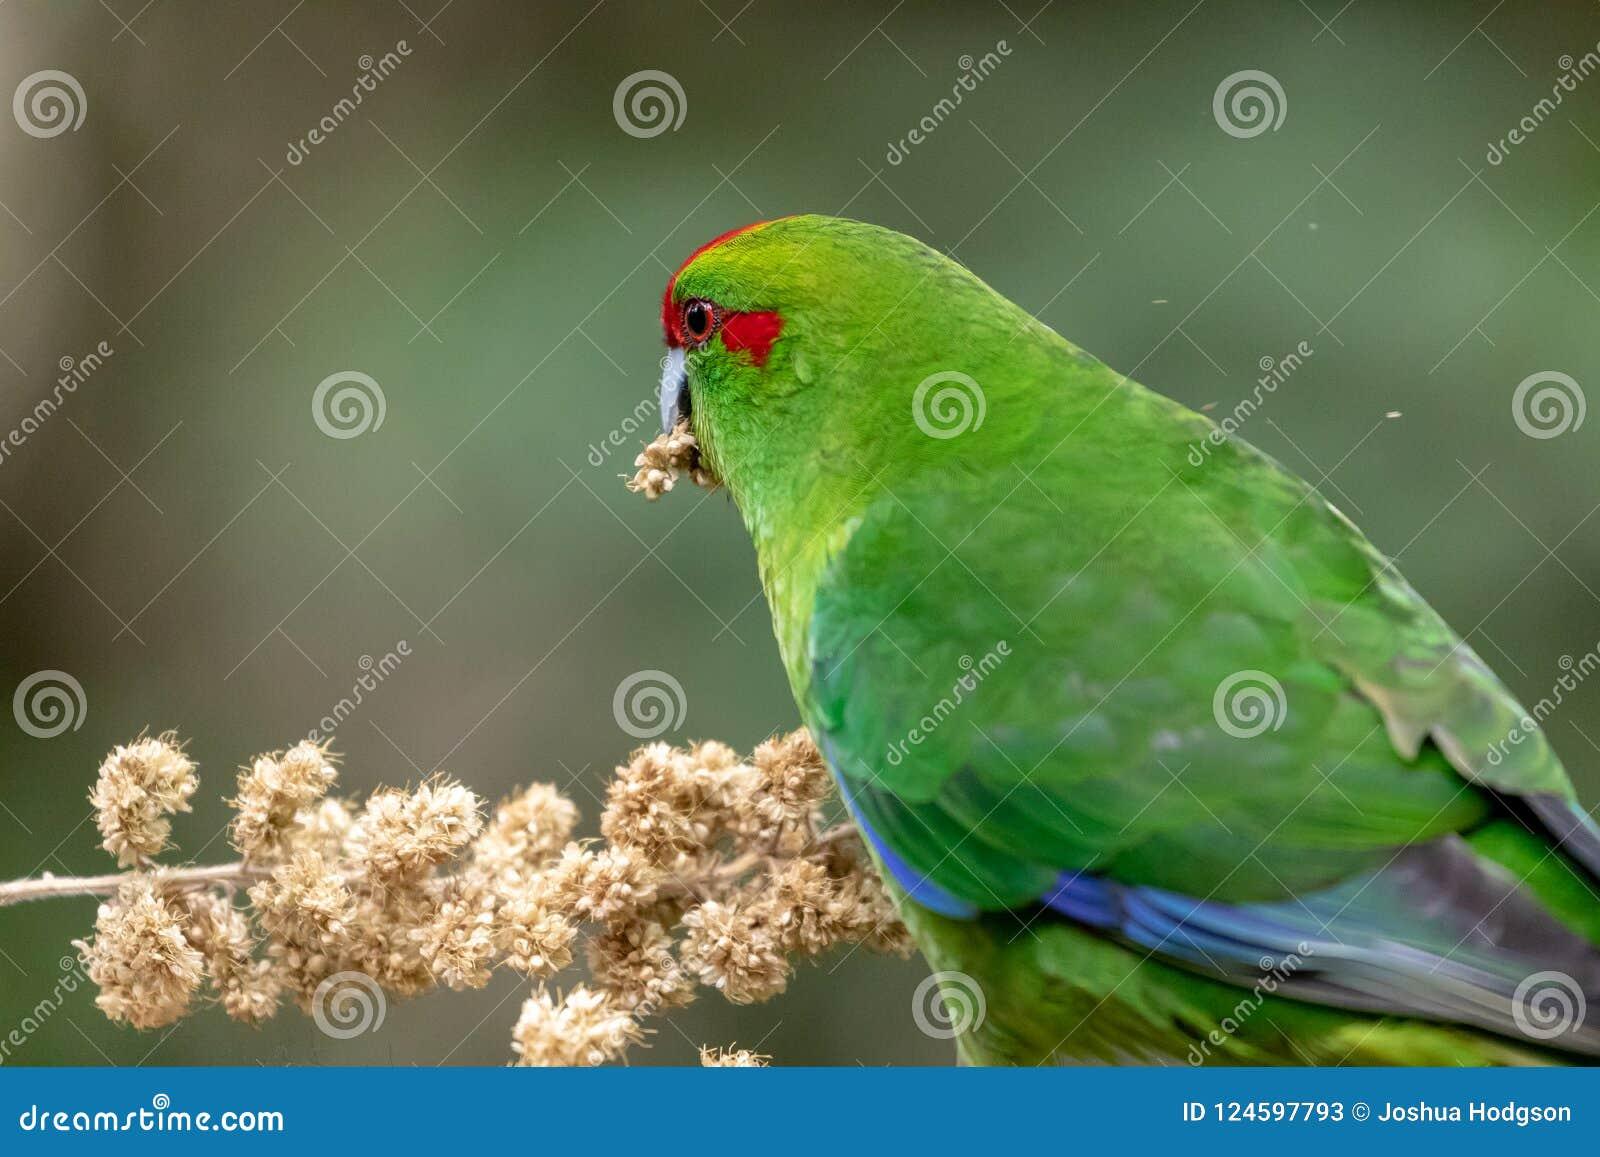 Kakariki, длиннохвостый попугай Новой Зеландии увенчанный красным цветом зеленый